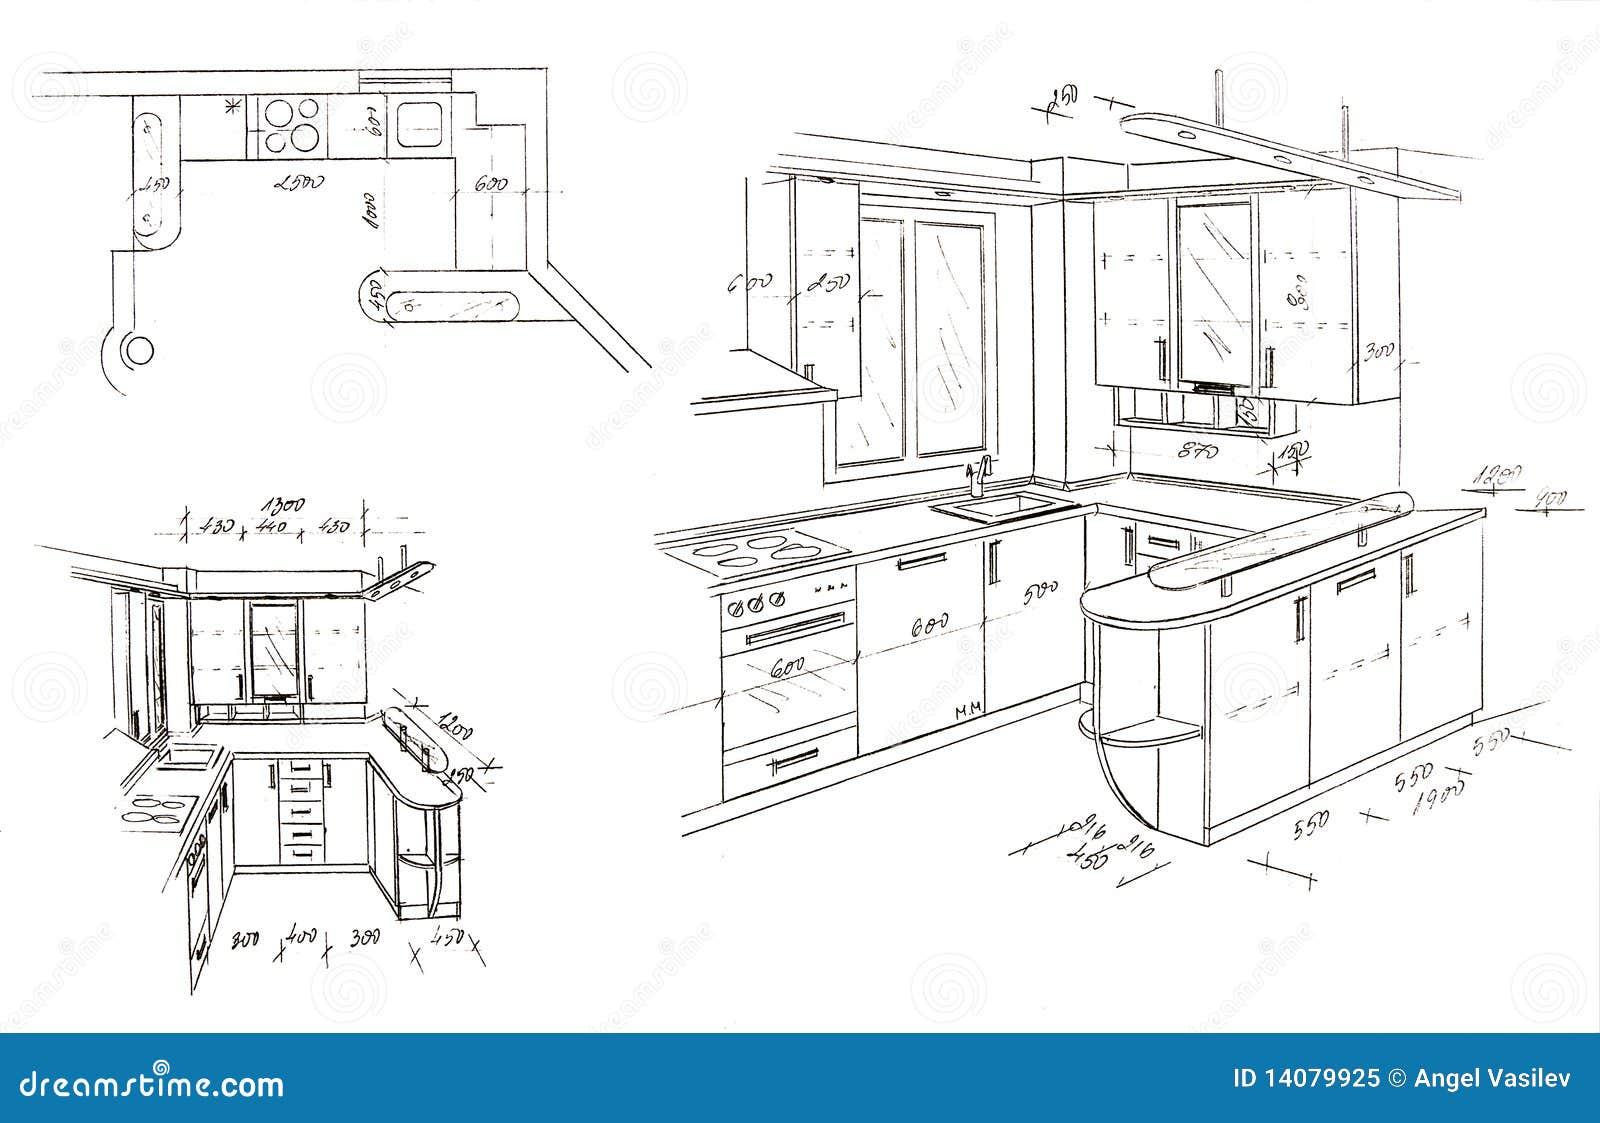 M j obl ben dom interior design drawing tips for Interior design drawing tips